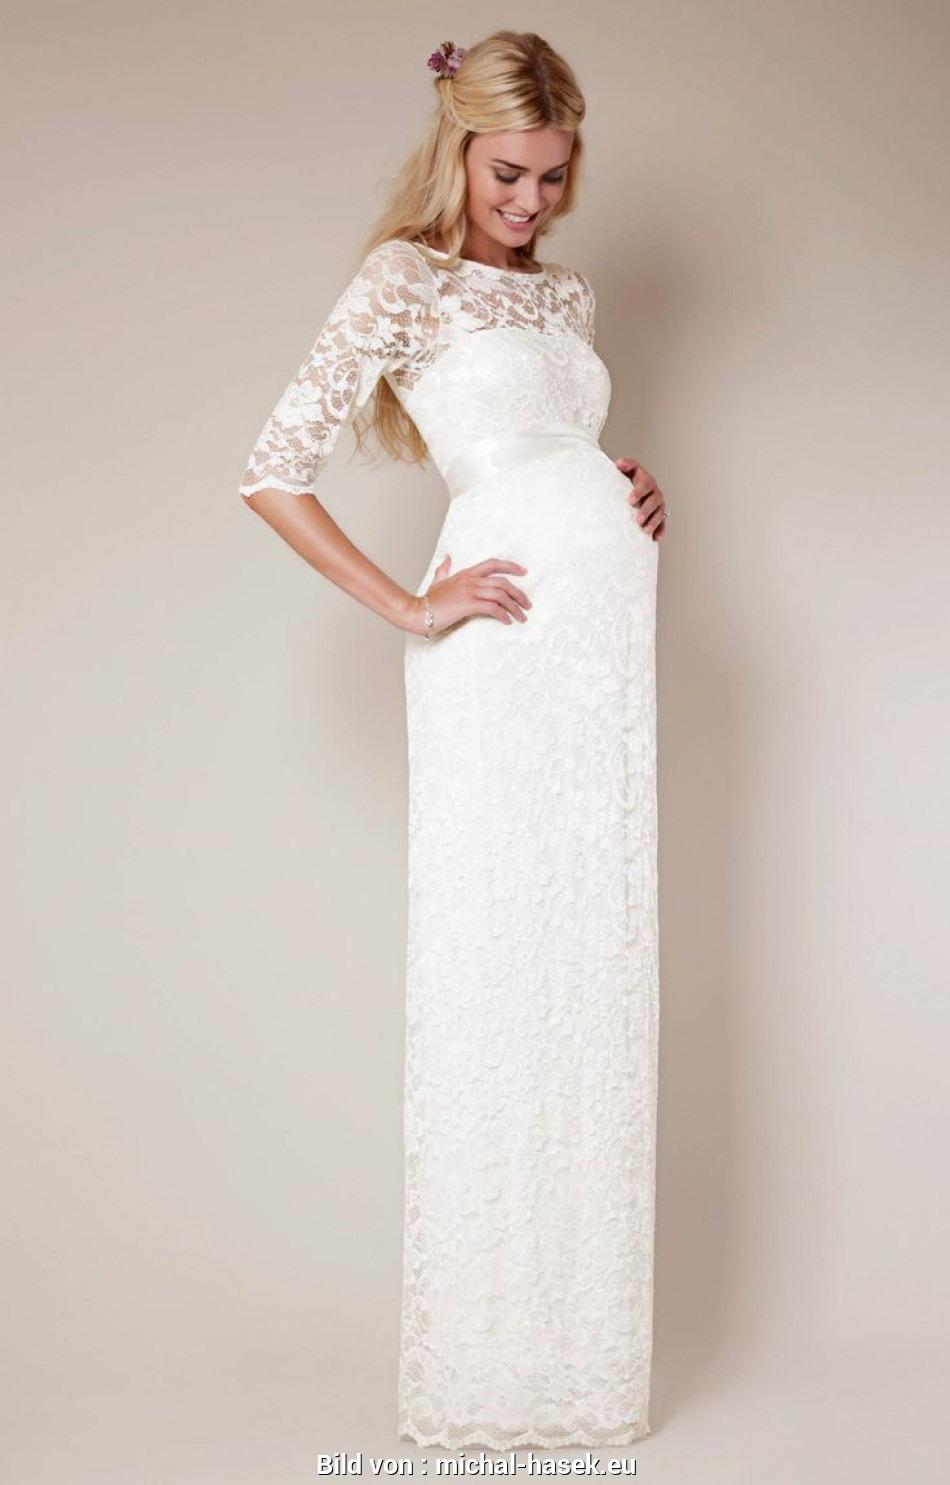 13 Einfach Abendkleider Umstandsmode SpezialgebietFormal Luxus Abendkleider Umstandsmode Vertrieb